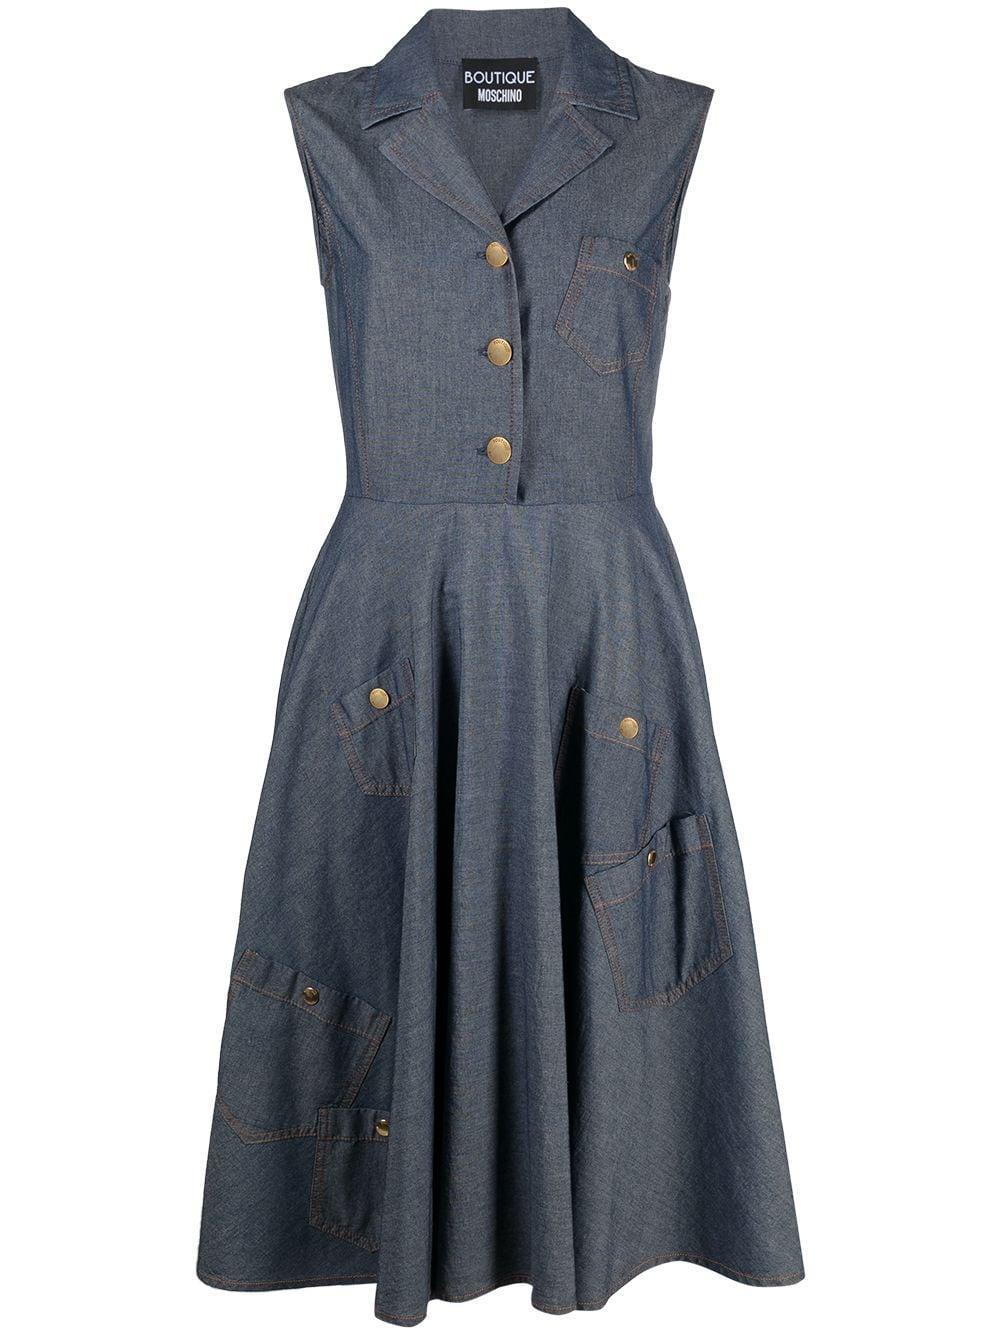 Denim Dress With Full Skirt Item # 4200821